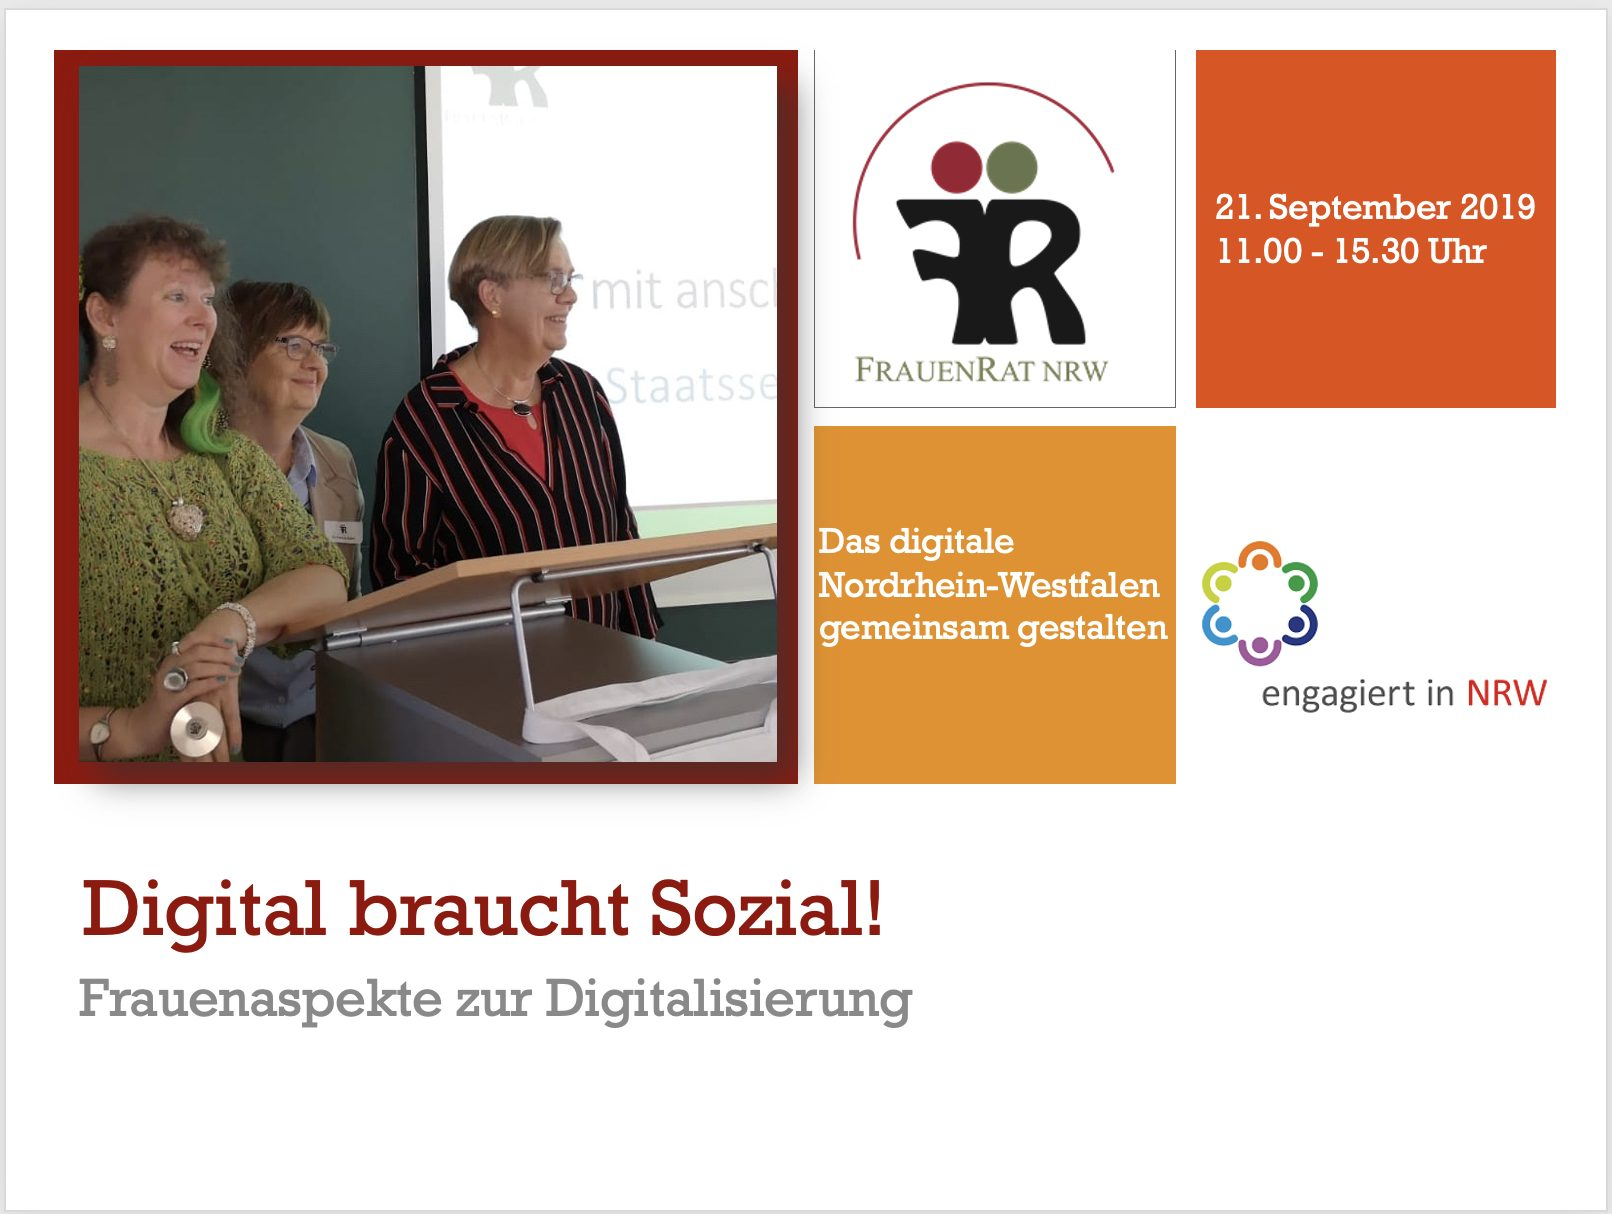 Frauenaspekte zur Digitalisierung in NRW